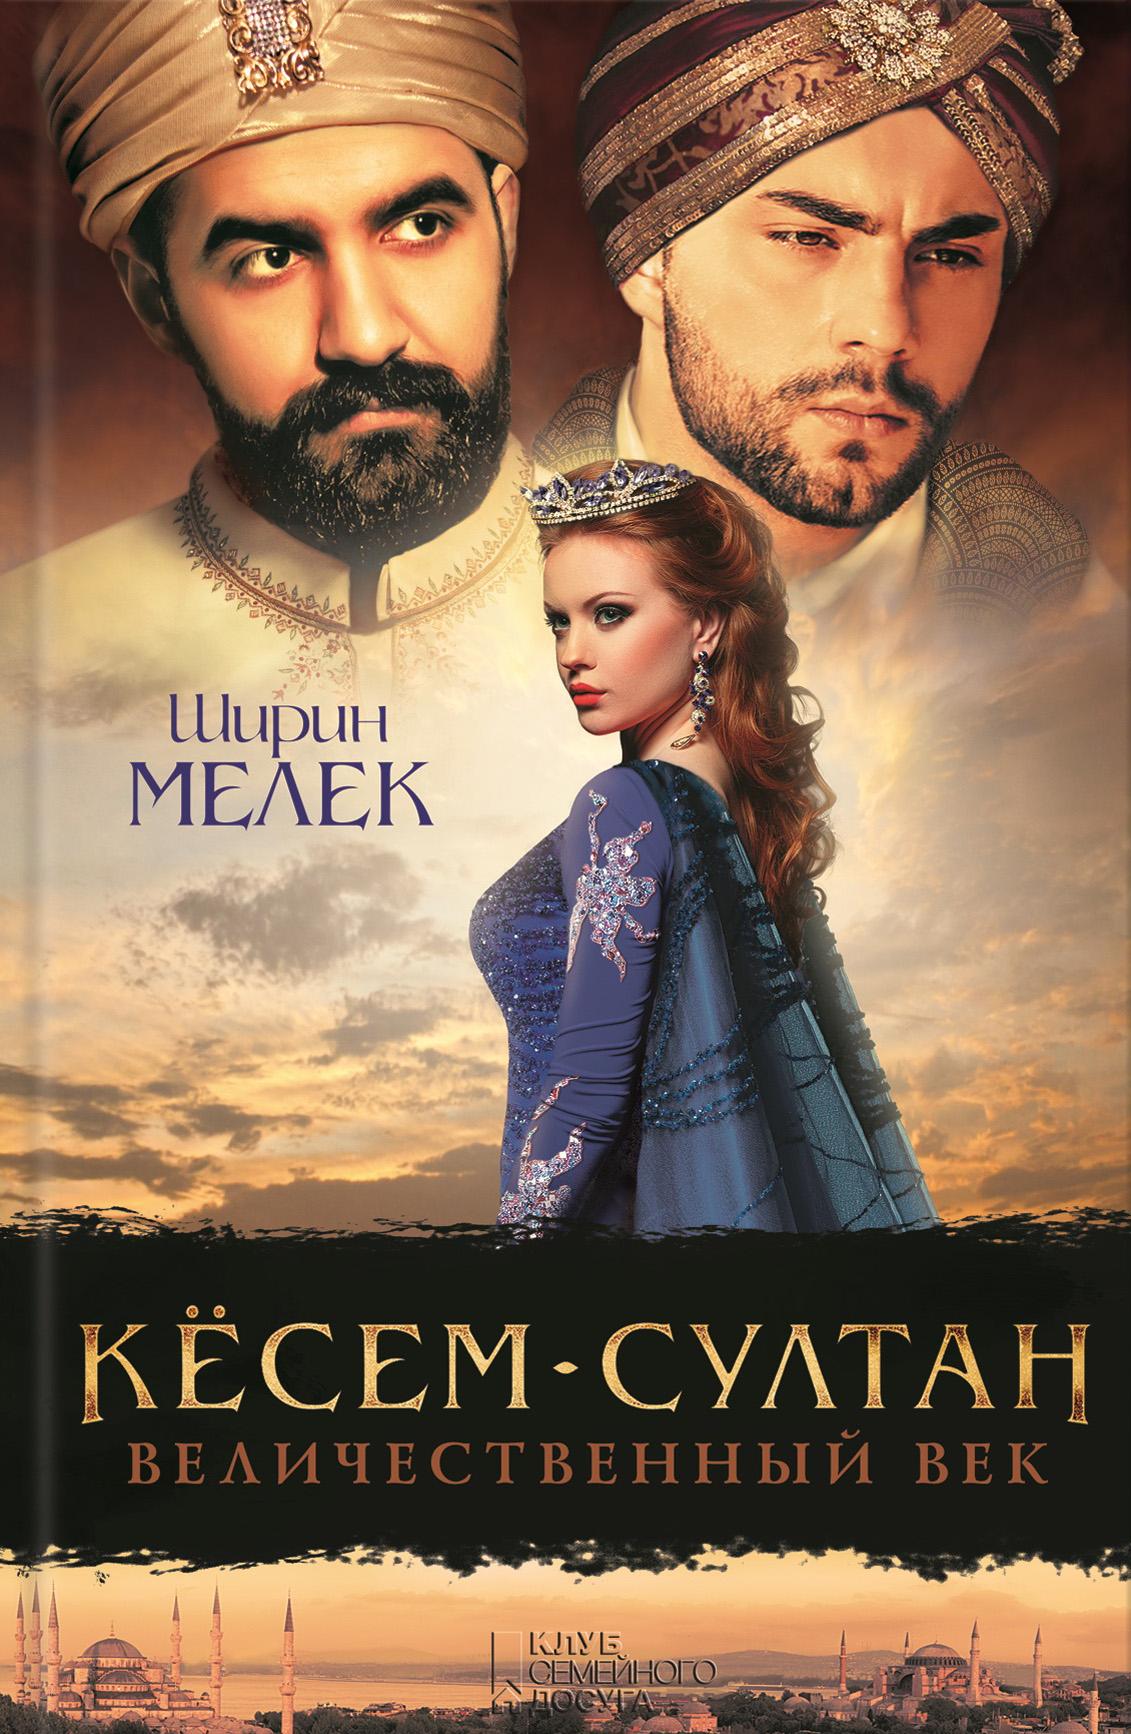 Эмине Хелваджи Кёсем-султан. Величественный век мелек ширин кёсем султан дорога к власти